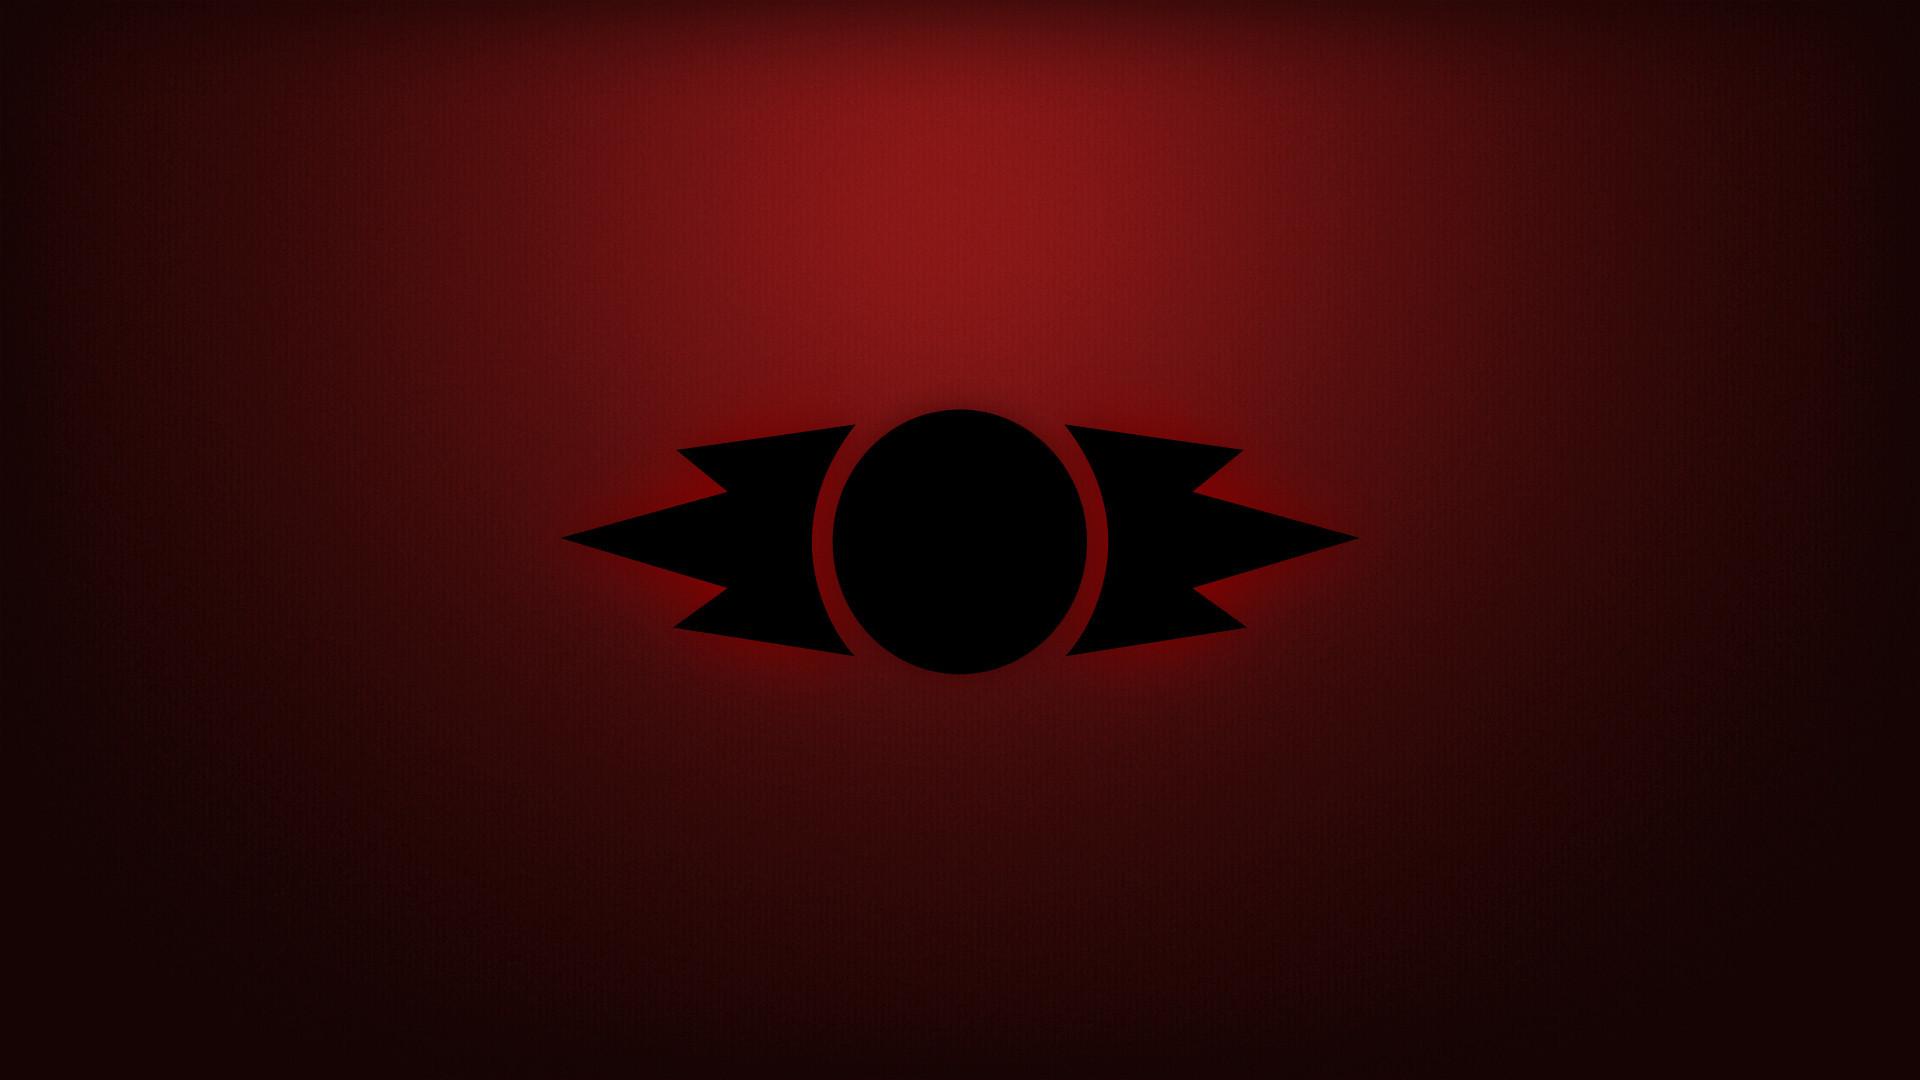 Res: 1920x1080, Emblem